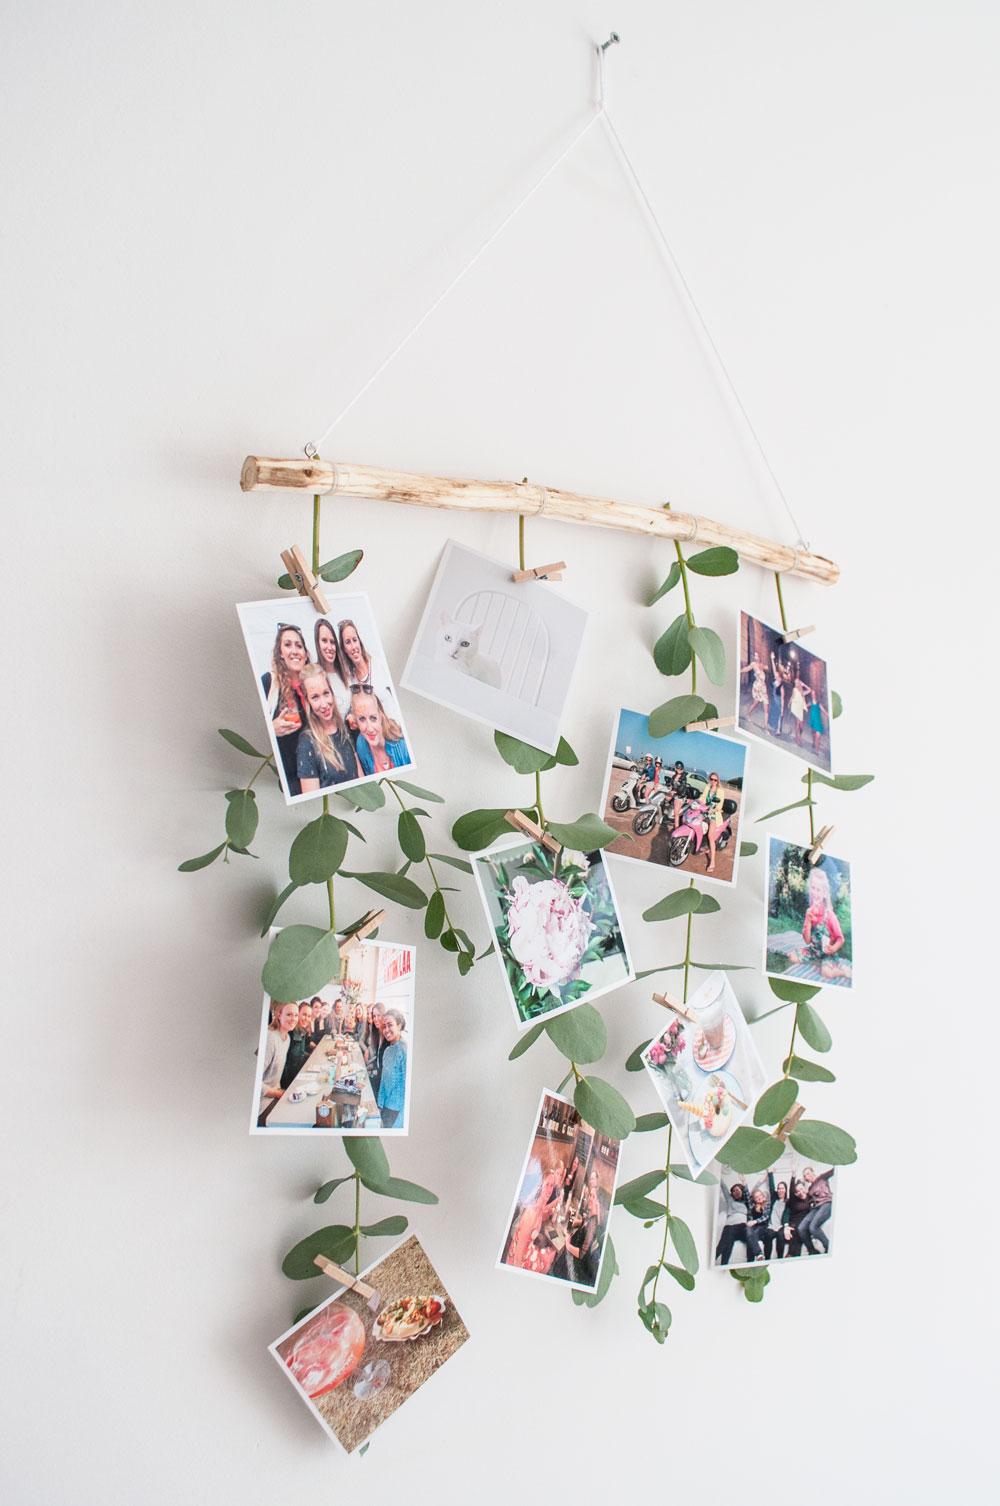 foto muurhanger eucalyptus resultaatlinks